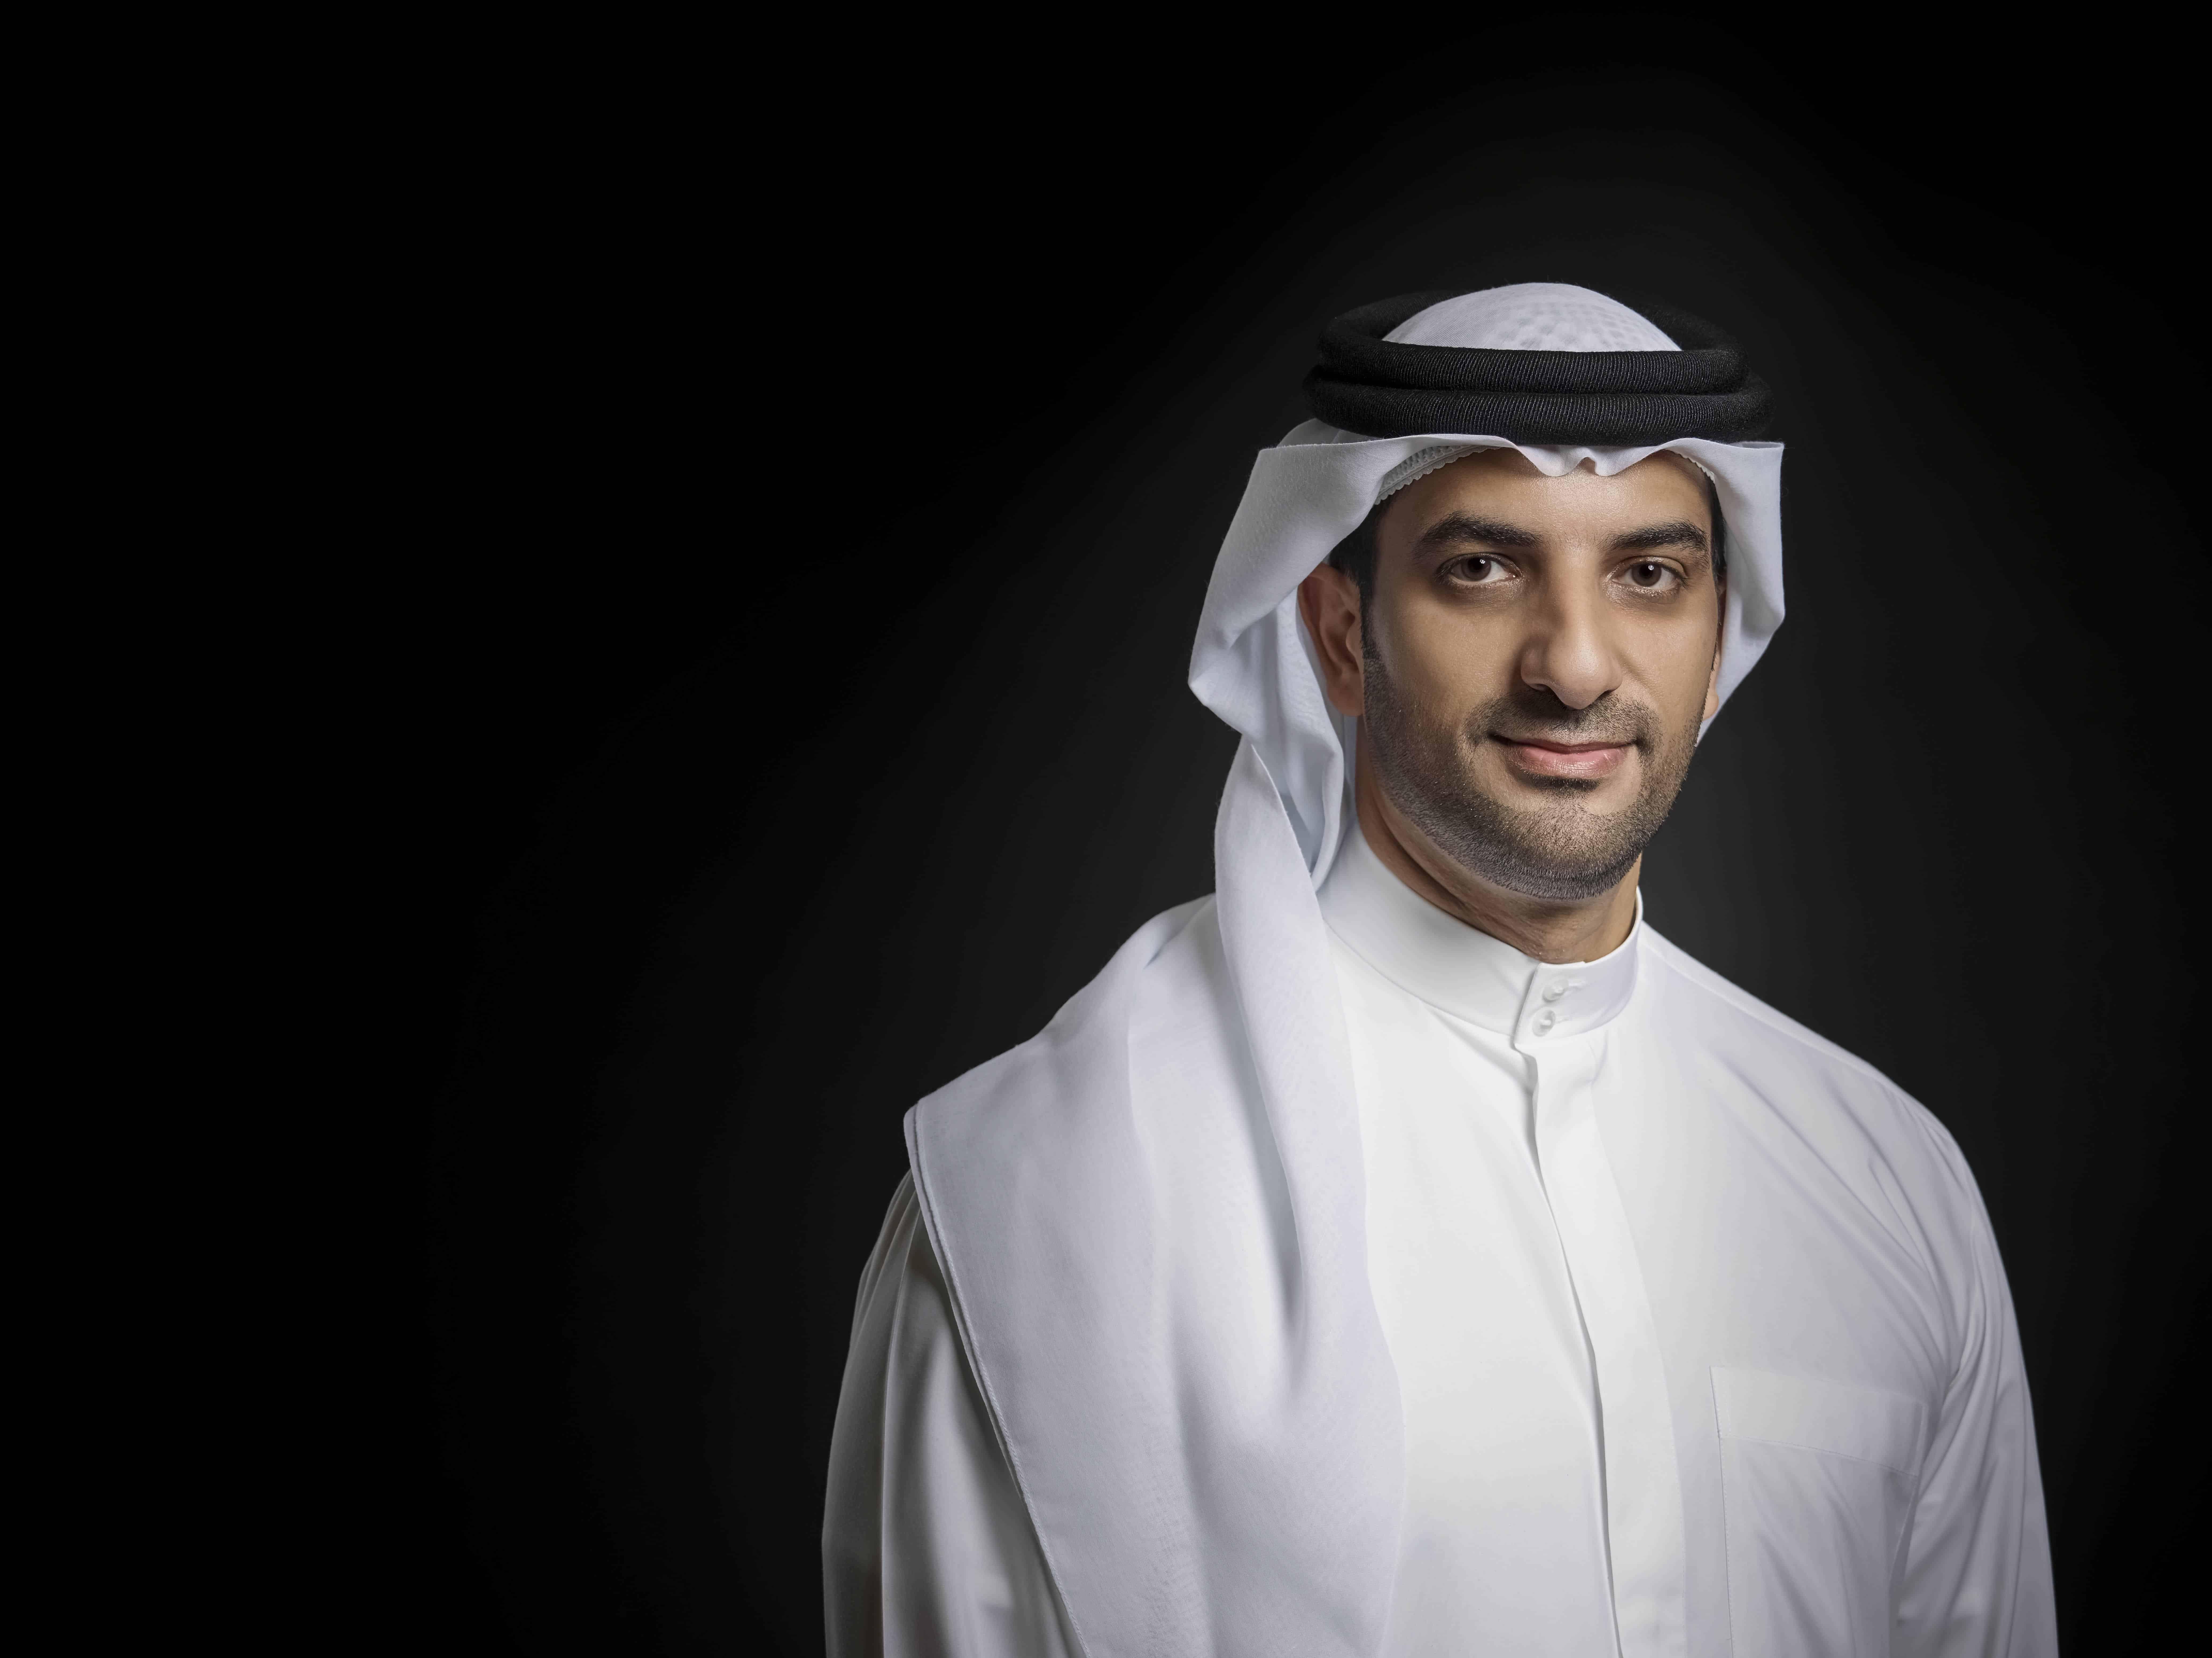 الشيخ سلطان بن أحمد القاسمي: ماذا نريد من الاتصال الحكومي